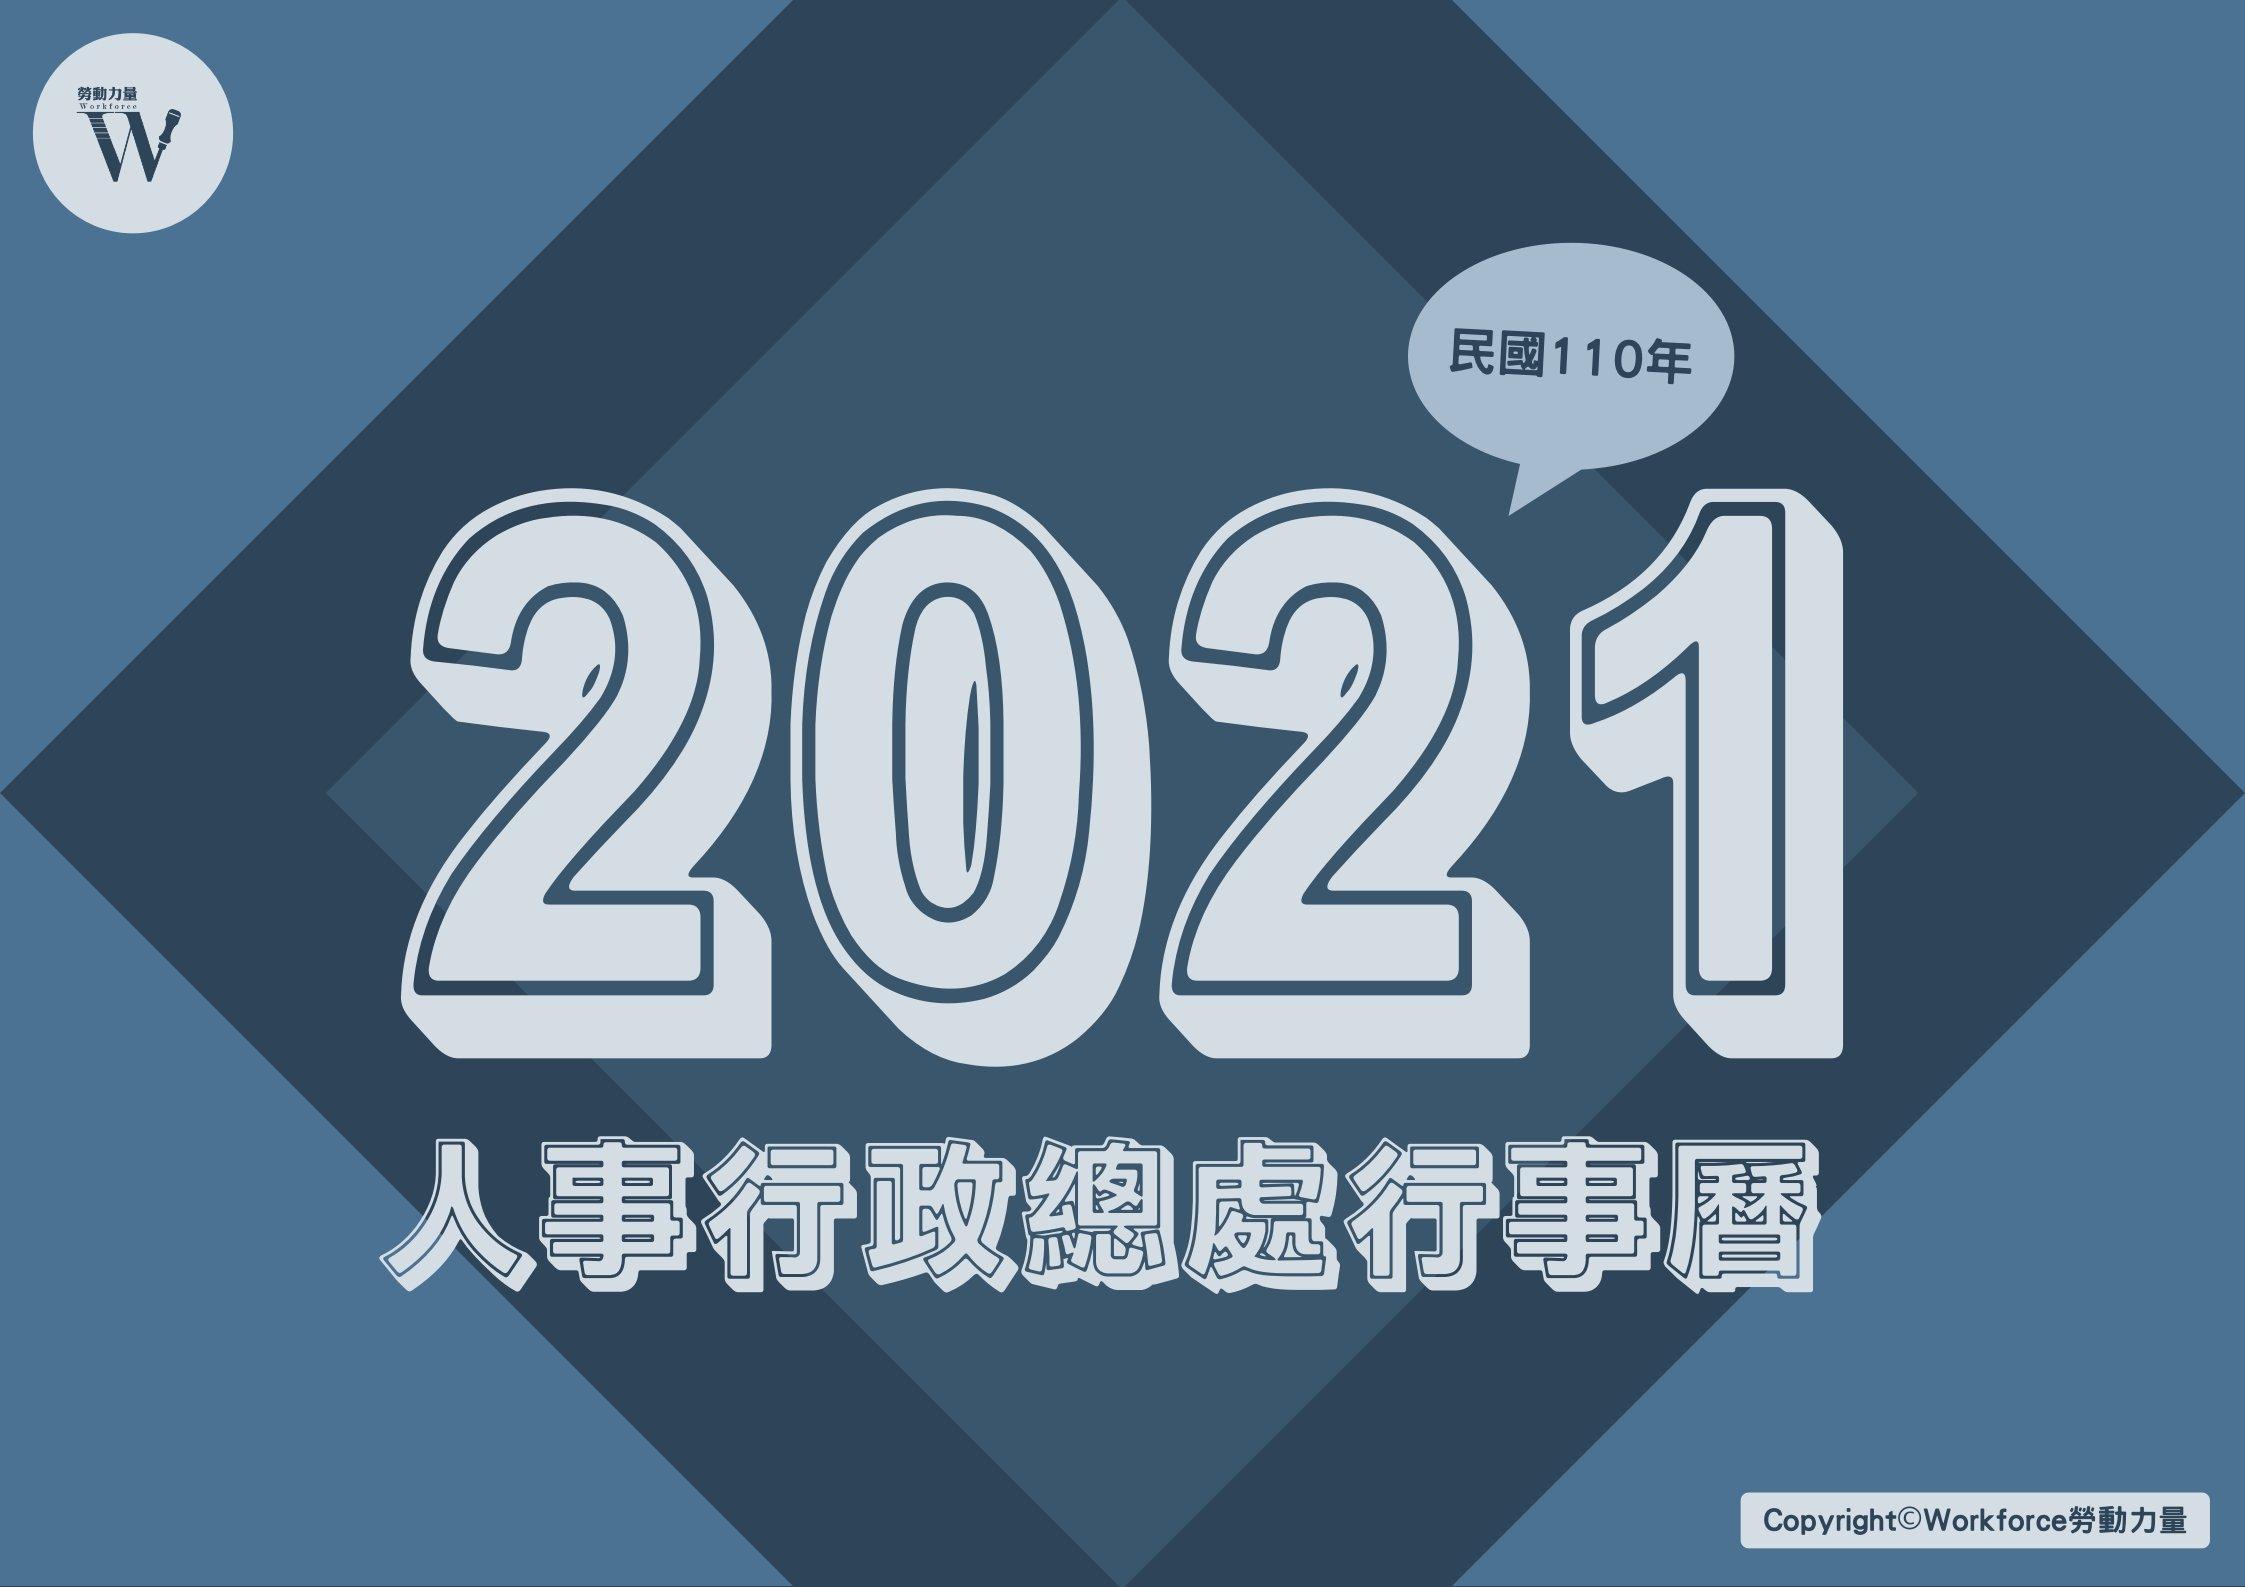 2021年(民國110年)人事行政總處行事曆